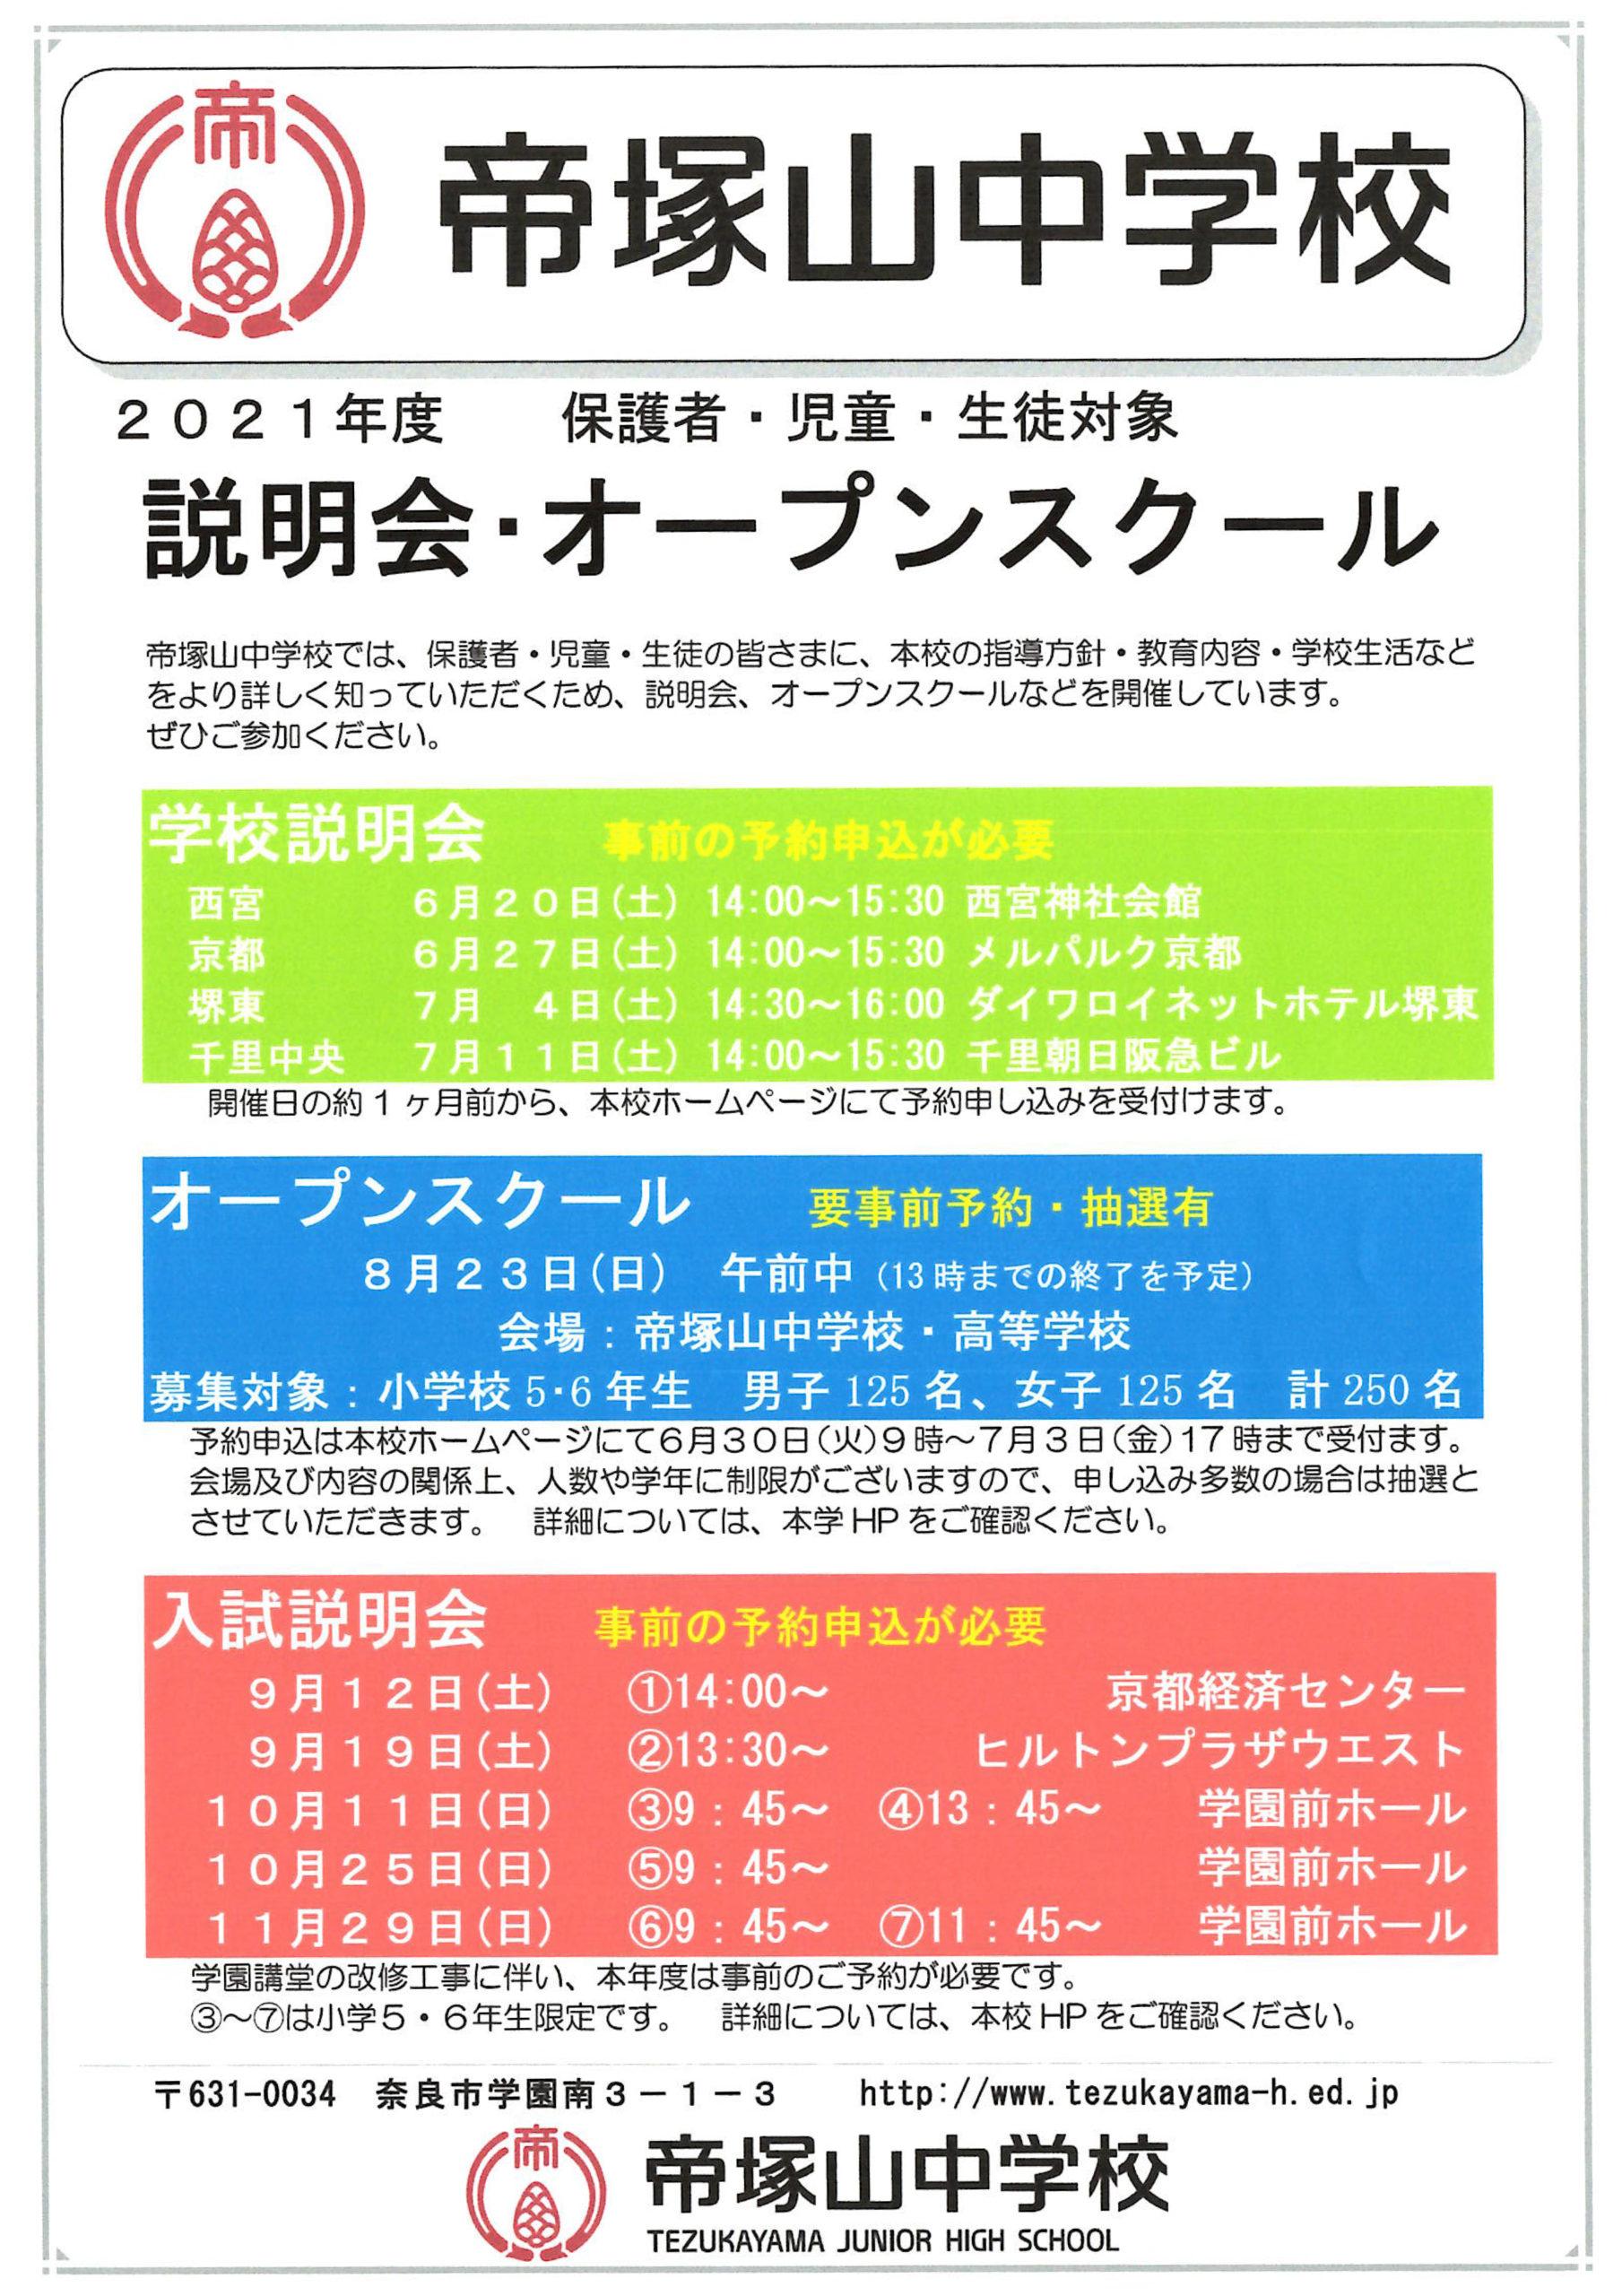 帝塚山高校2020